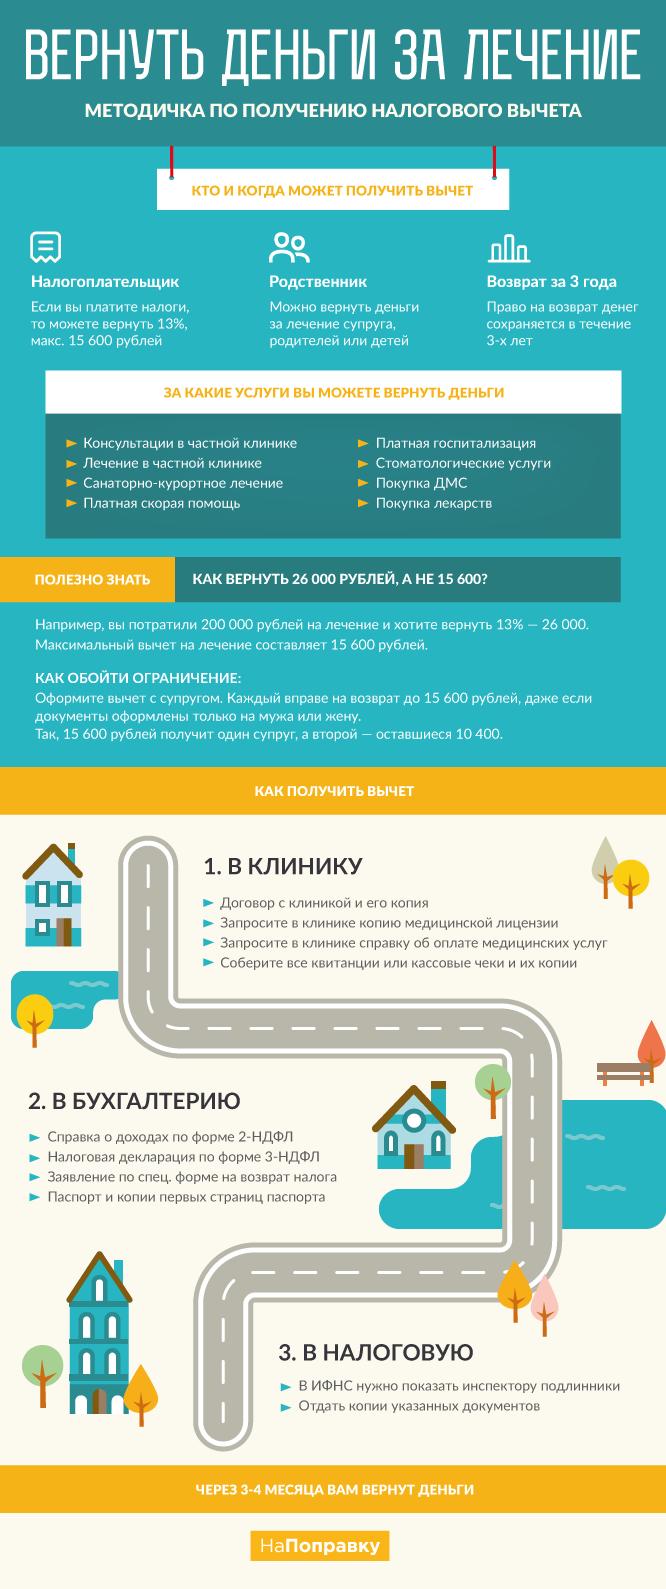 Иконографика: Как получить налоговый вычет за лечение